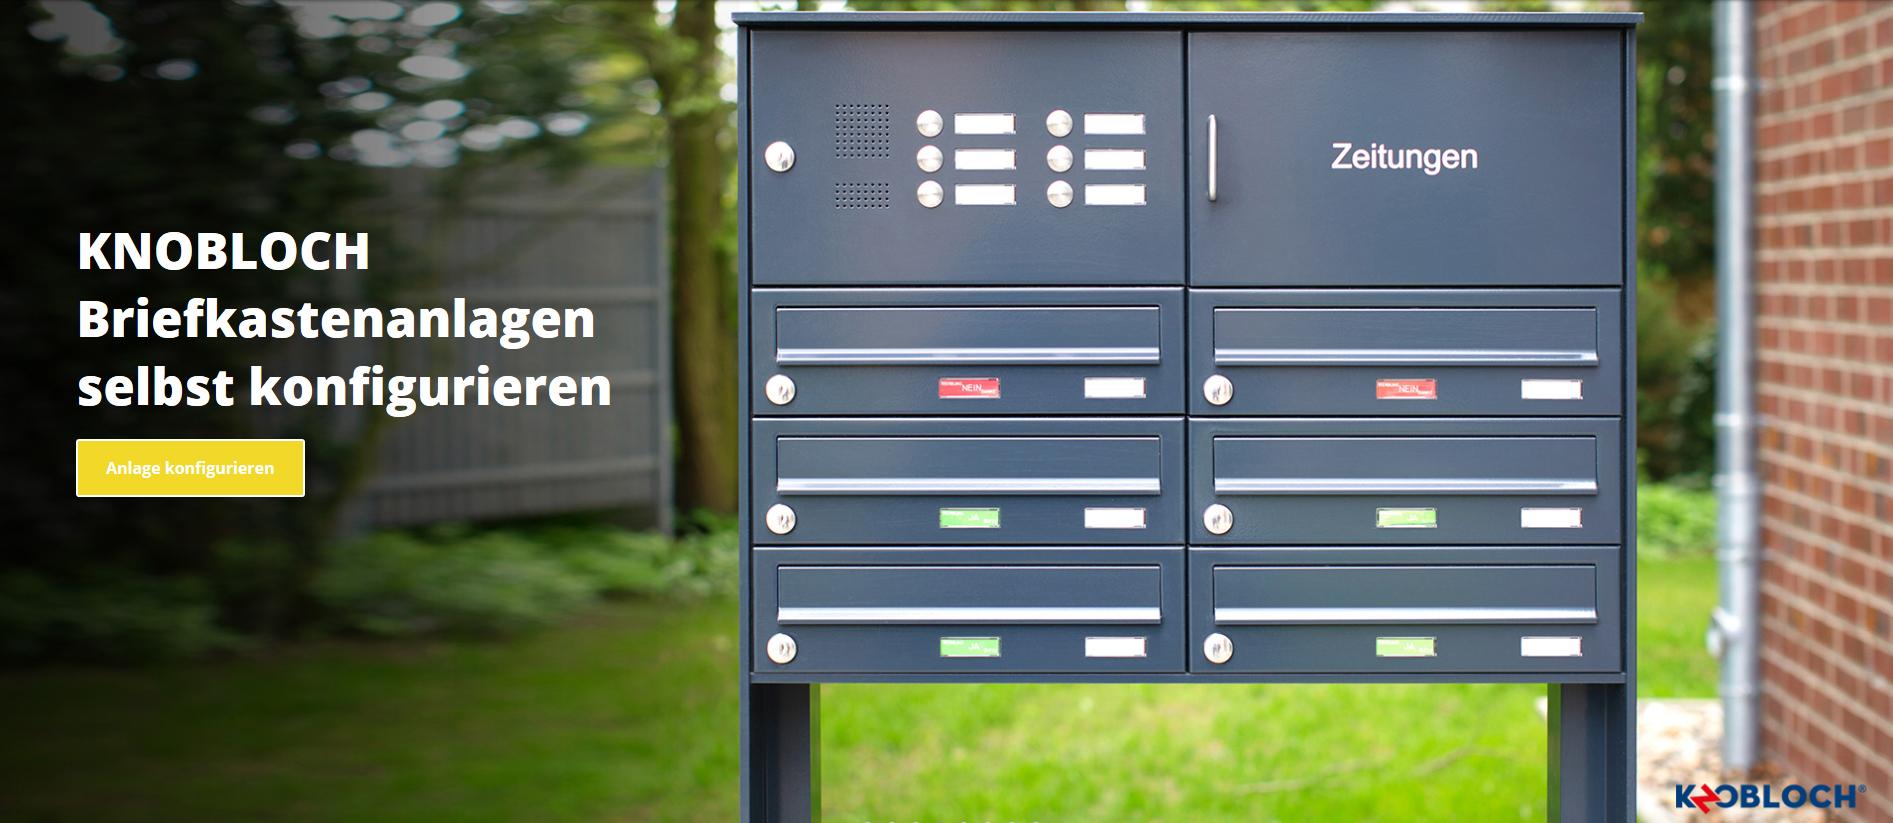 Briefkastenanlagen jetzt selbst konfigurieren